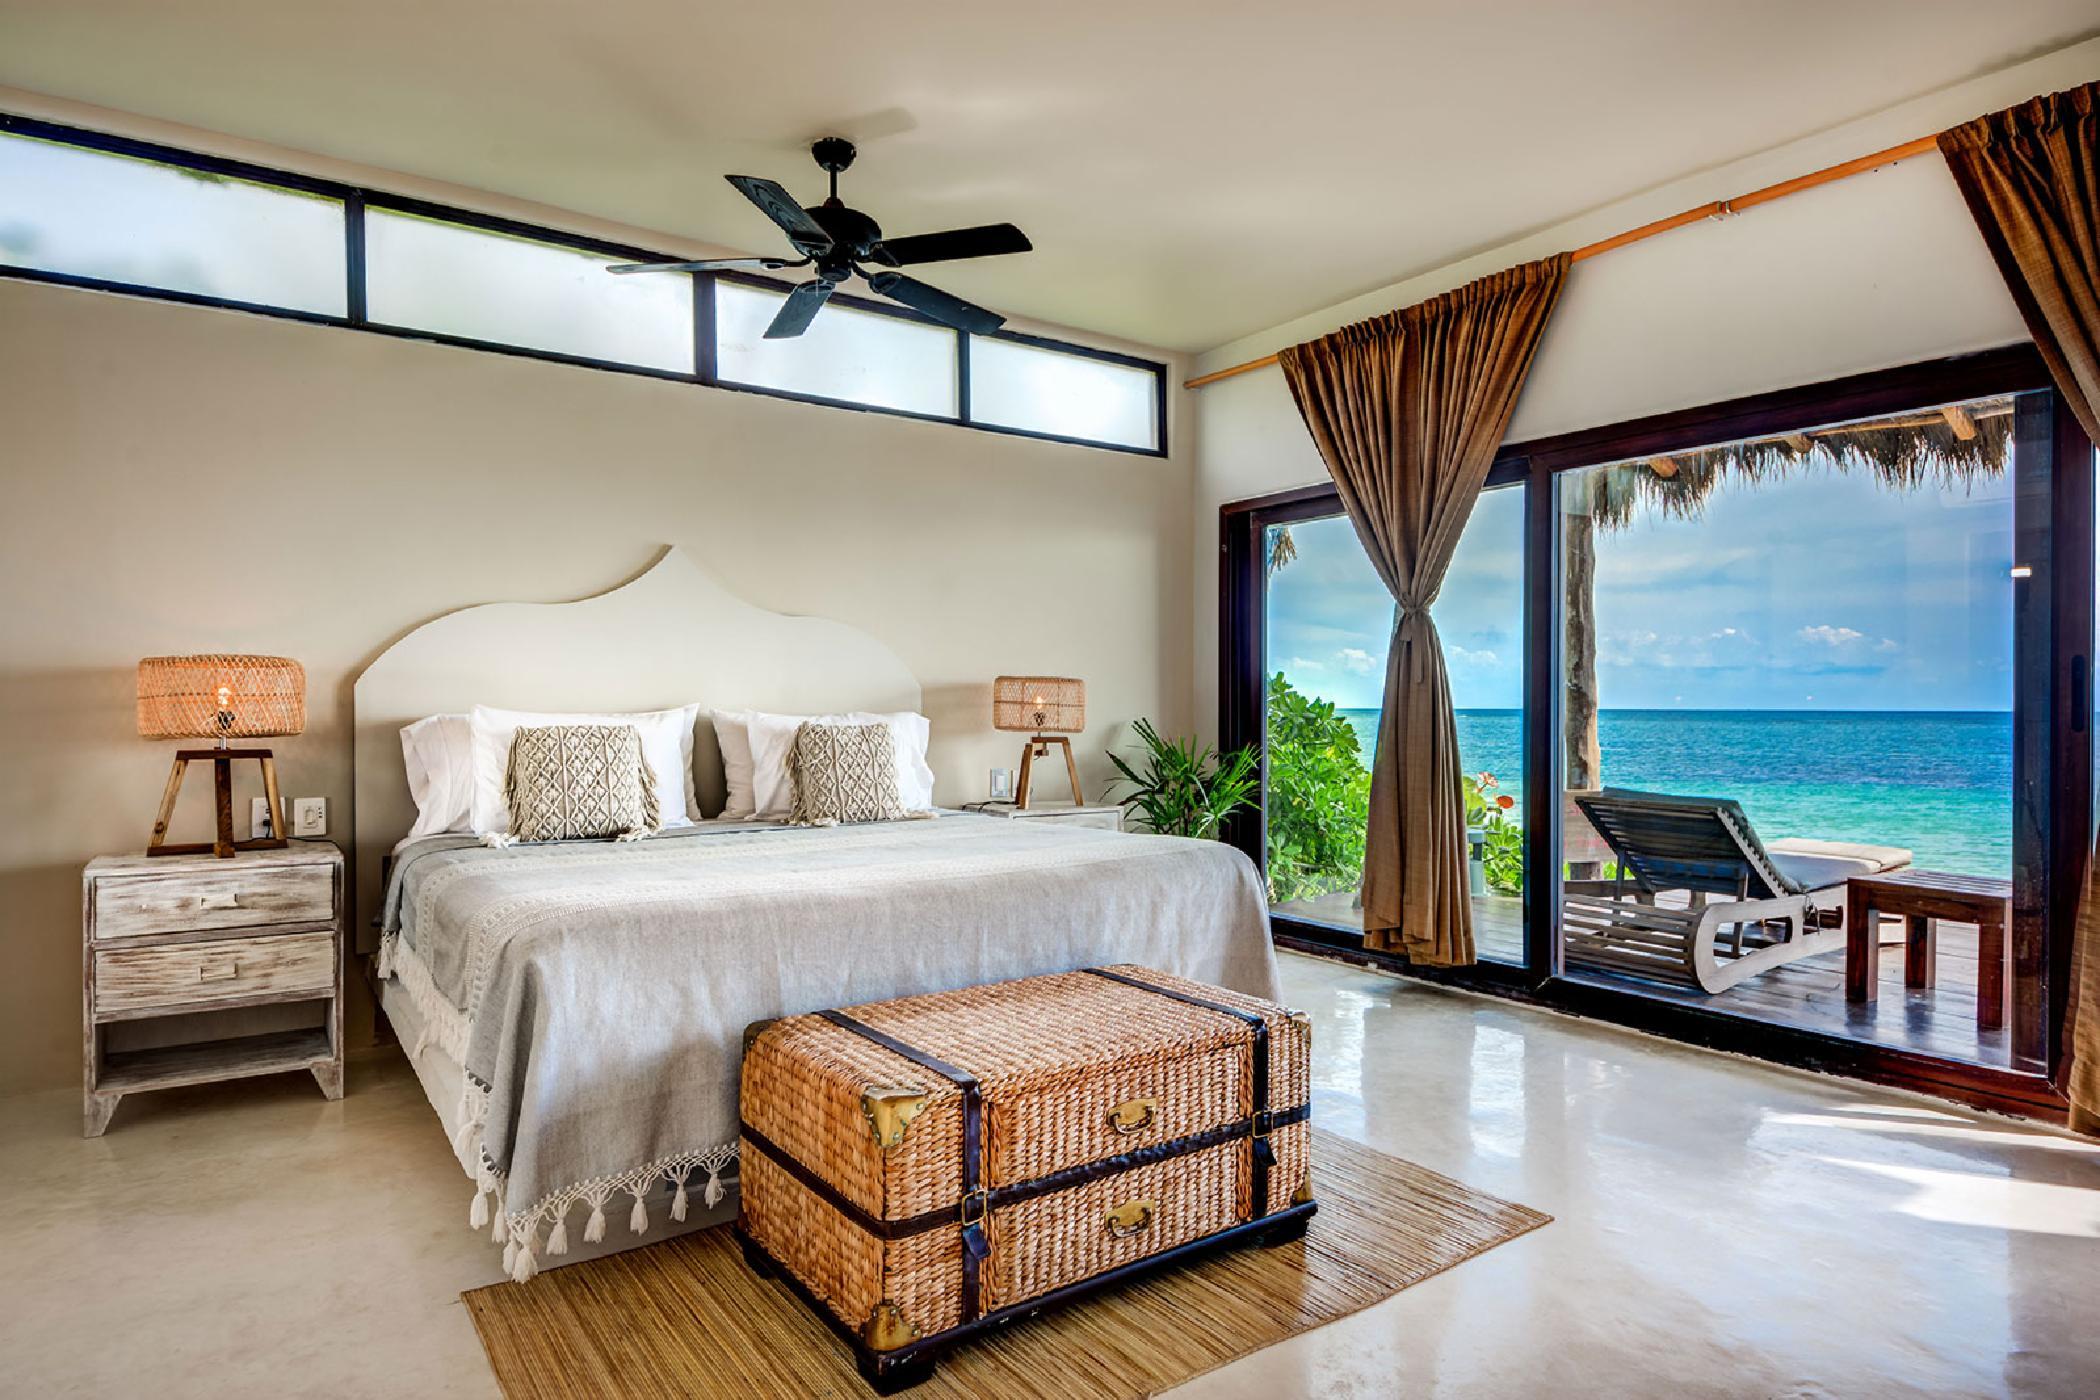 Maya_Luxe_Riviera_Maya_Luxury_Villas_Experiences_Tulum_Beach_5_Bedrooms_Villa_Miramar_20.jpg